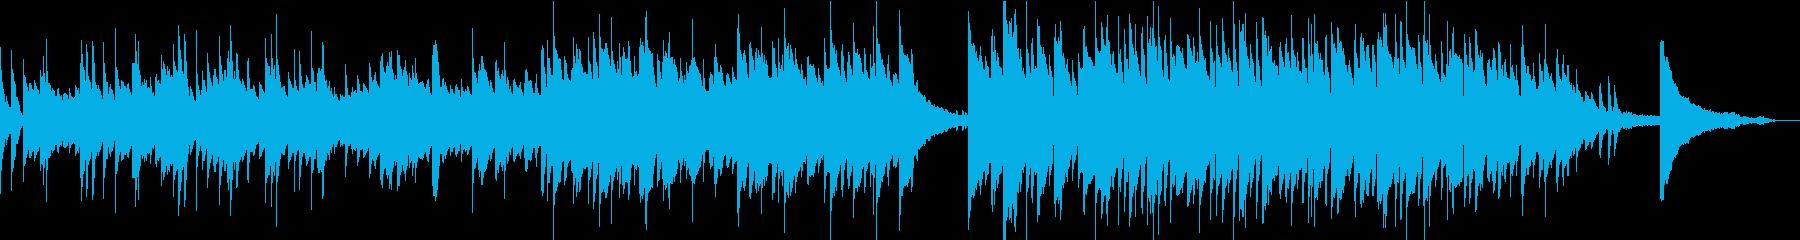 感動的なピアノポップス 映像やCMにの再生済みの波形